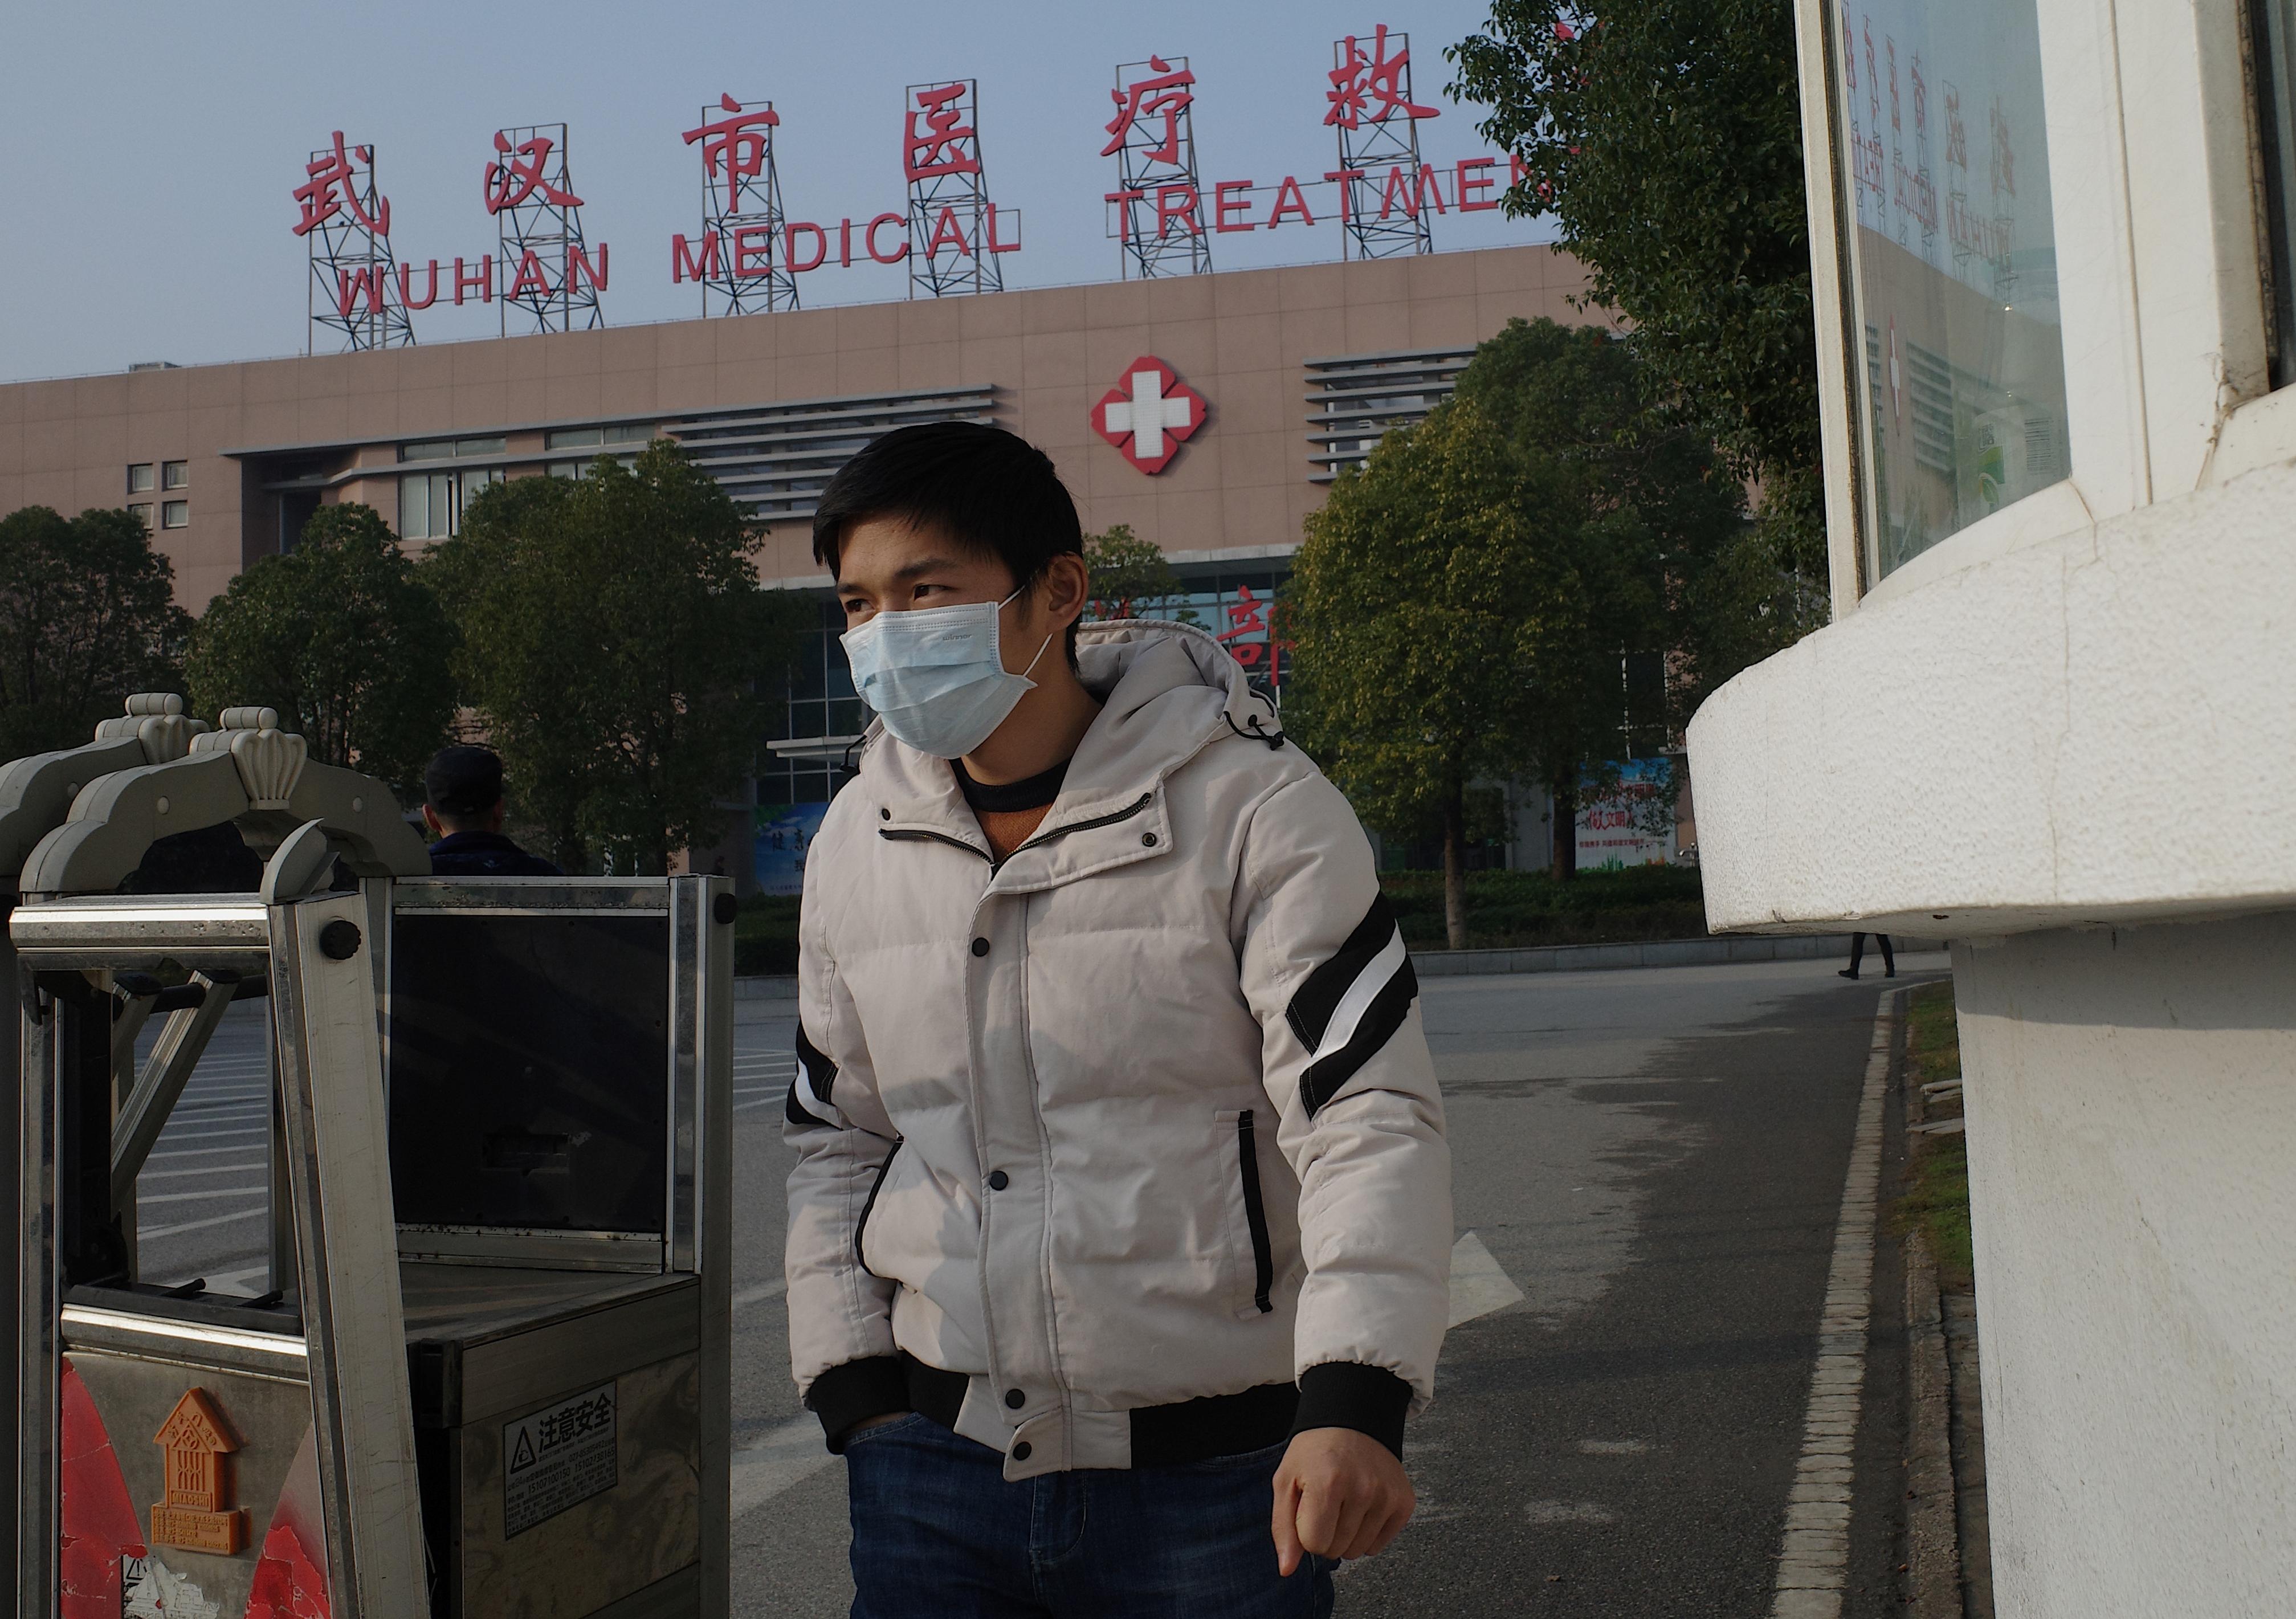 Vuhanon kívül más kínai nagyvárosokban is megjelenhetett az új koronavírus